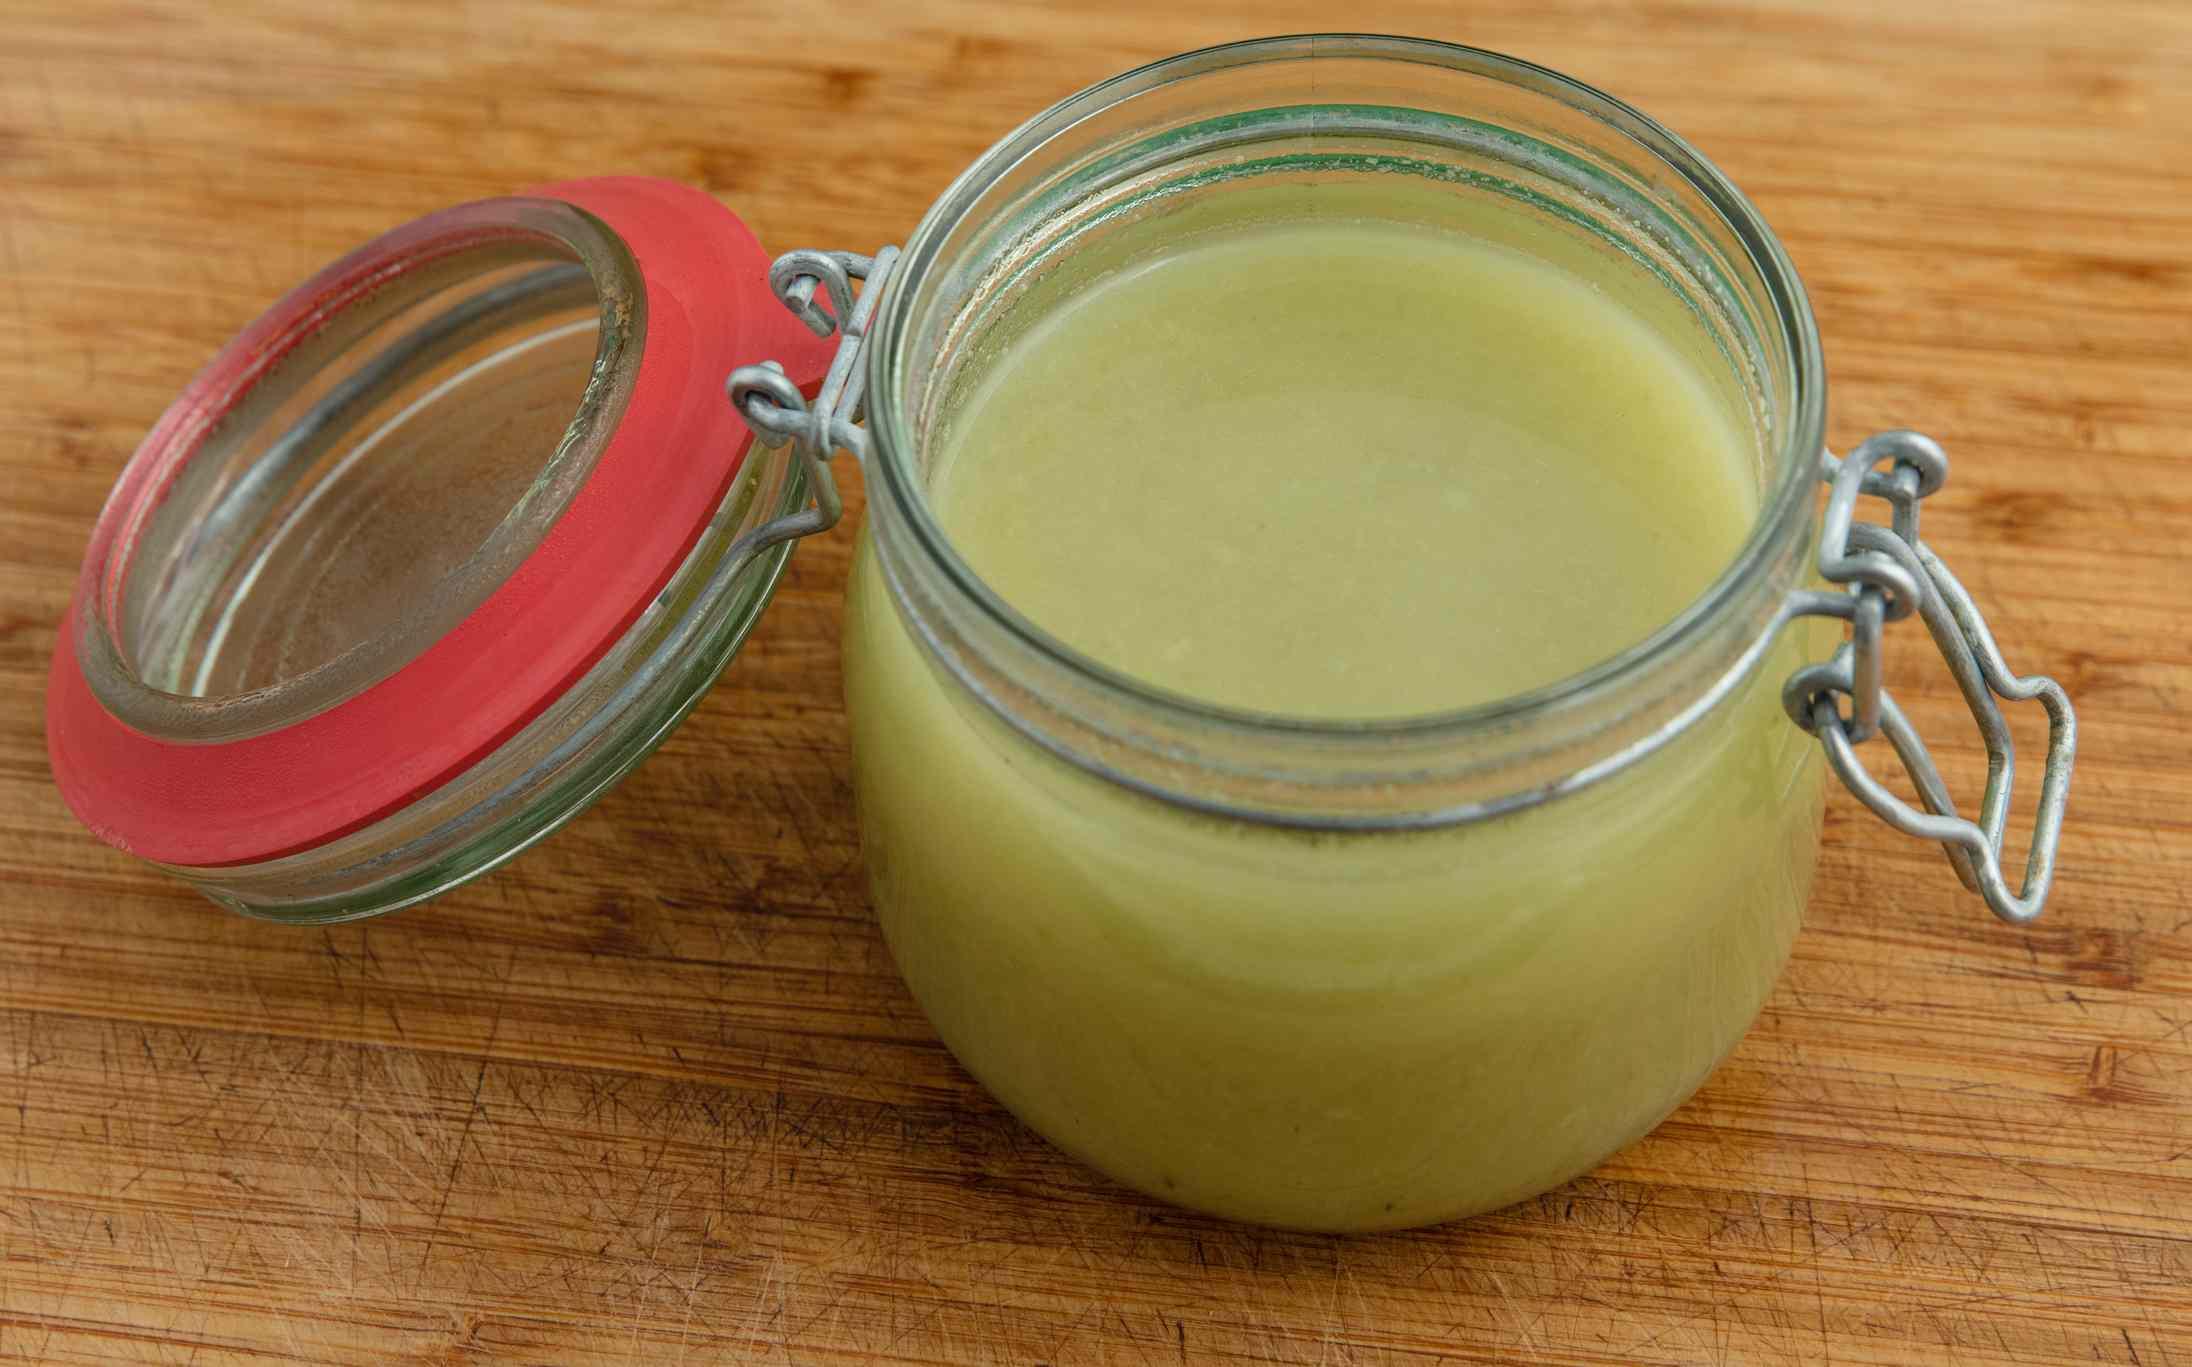 Leek soup in an open weck jar